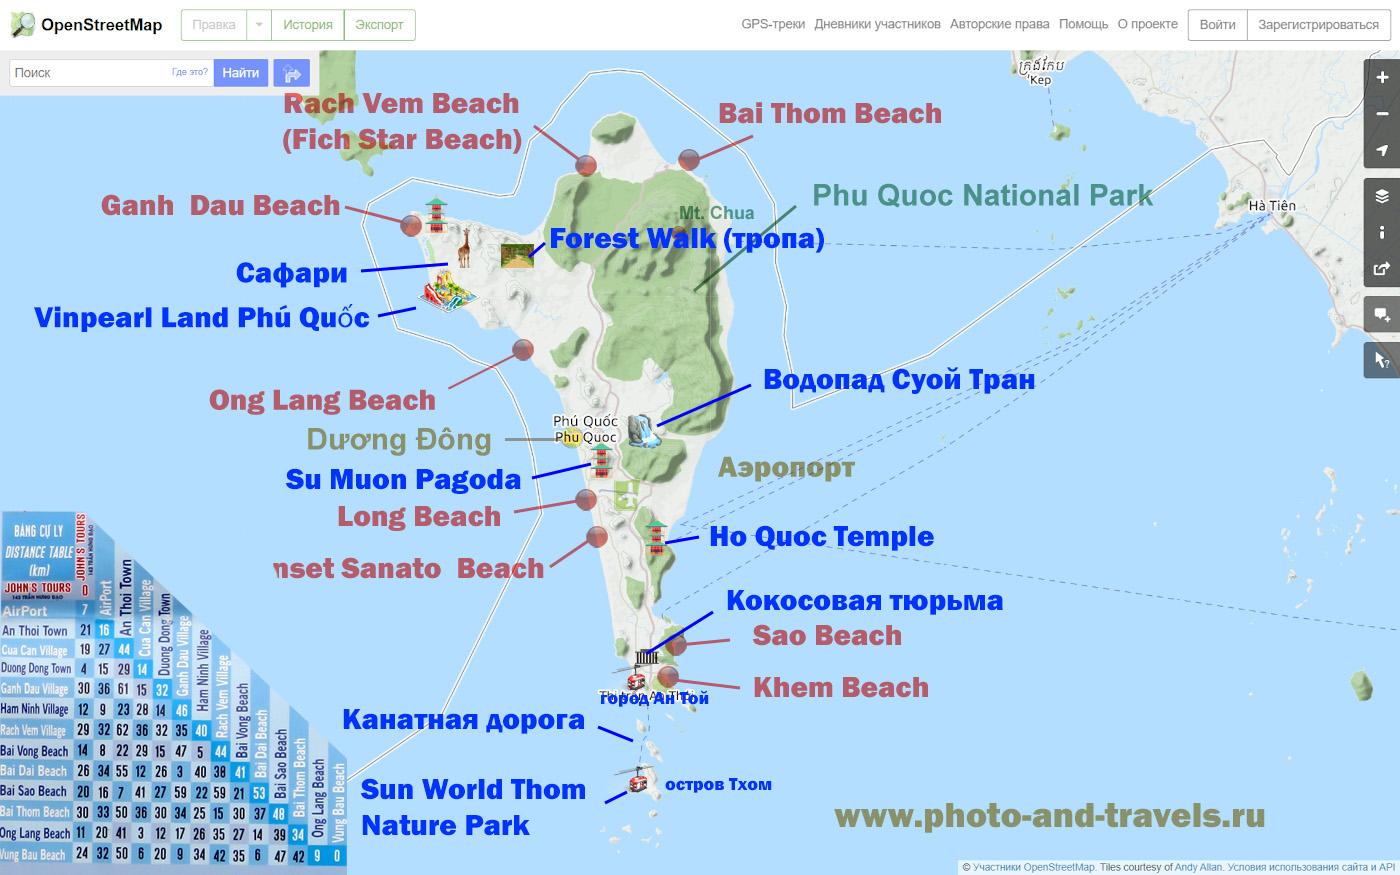 21. Карта со схемой расположения самых известных достопримечательностей острова Фукуок во Вьетнаме. Таблица расстояний между интересными местами.